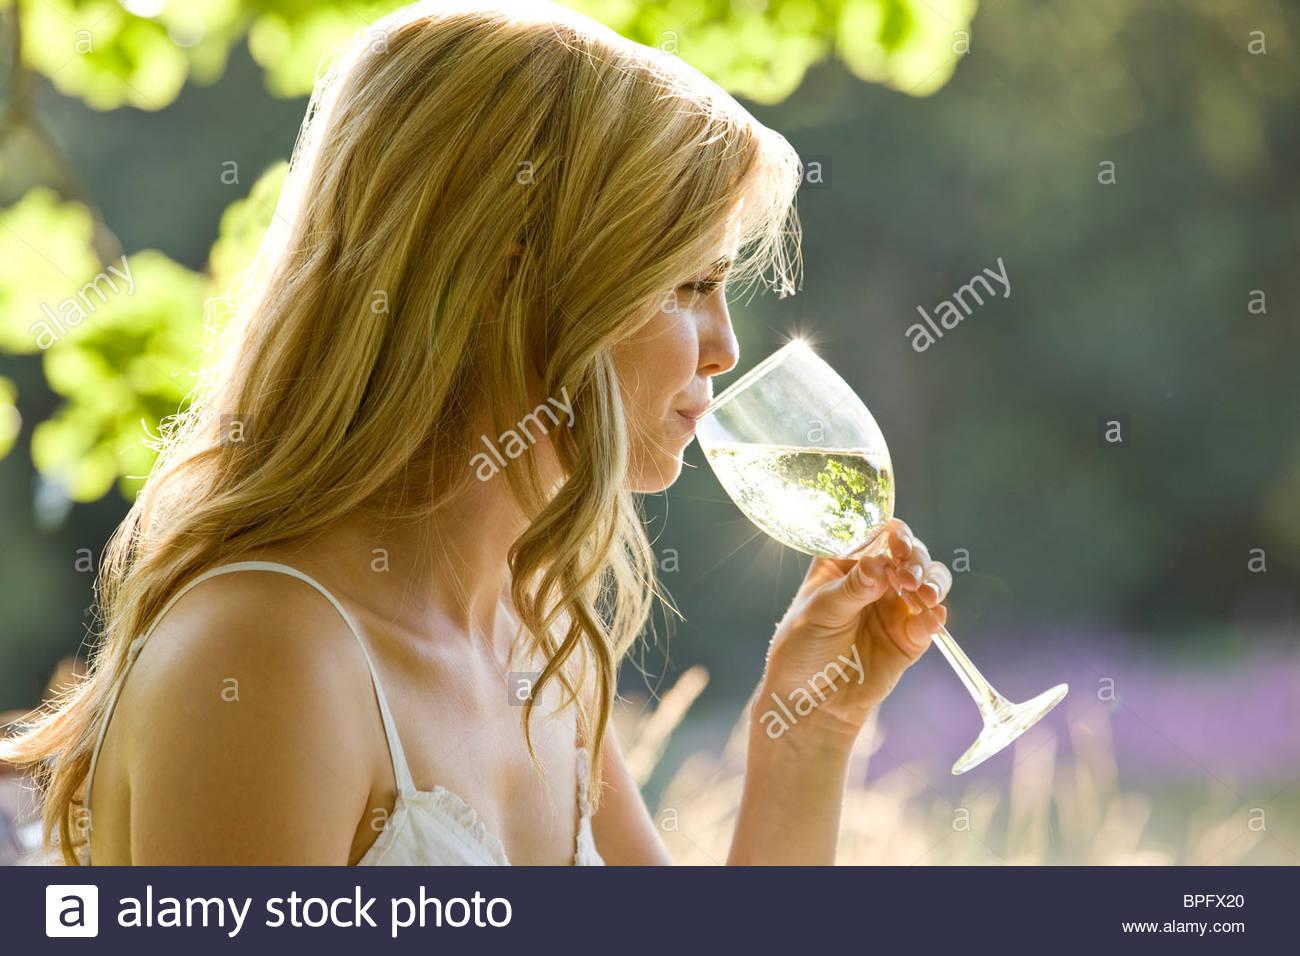 Eine junge Frau trinkt ein Glas Weißwein Stockbild